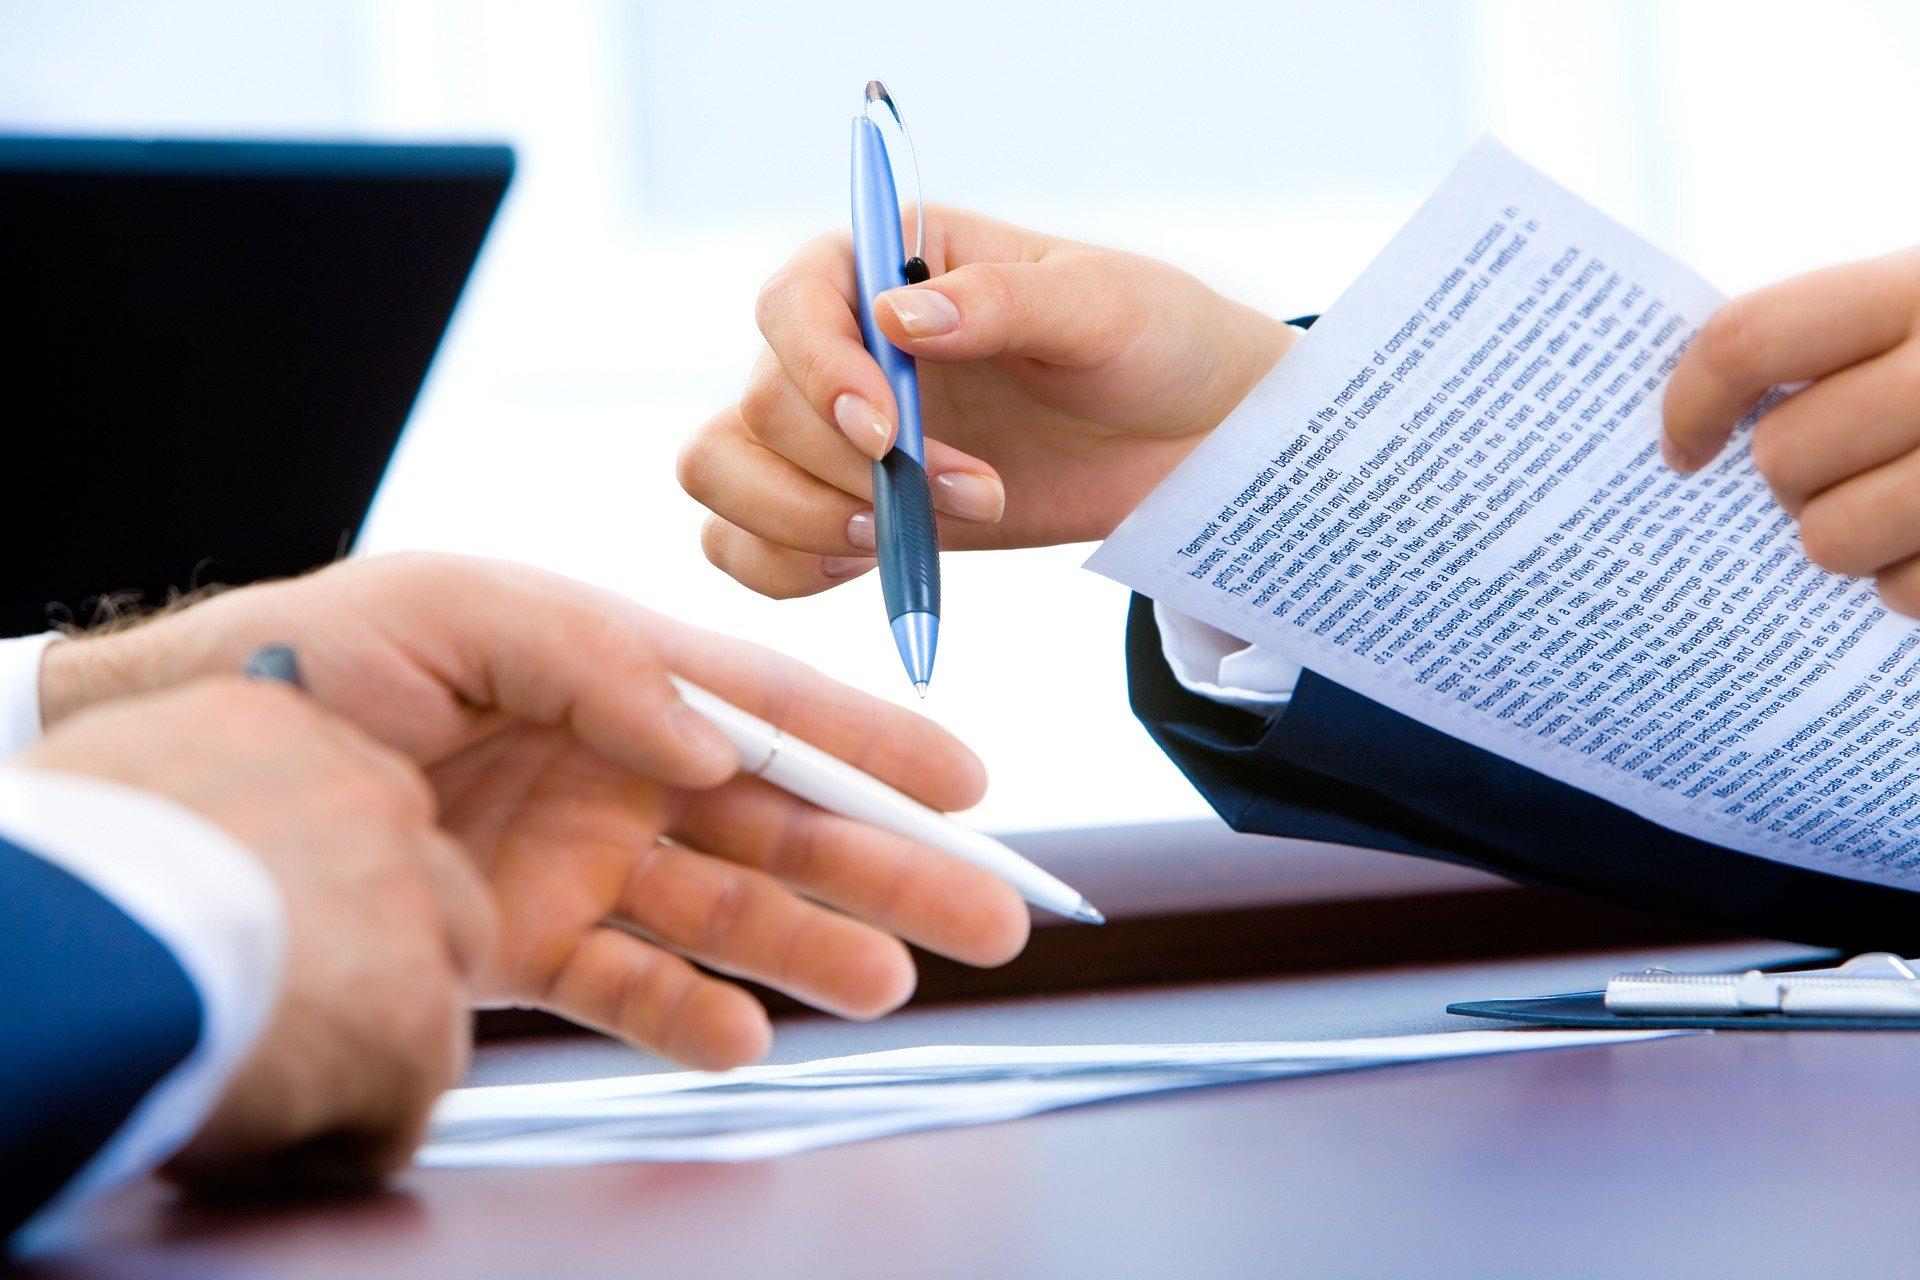 就活の書類を郵送する時のマニュアル!選び方から送り方、書き方のマナーまで紹介!